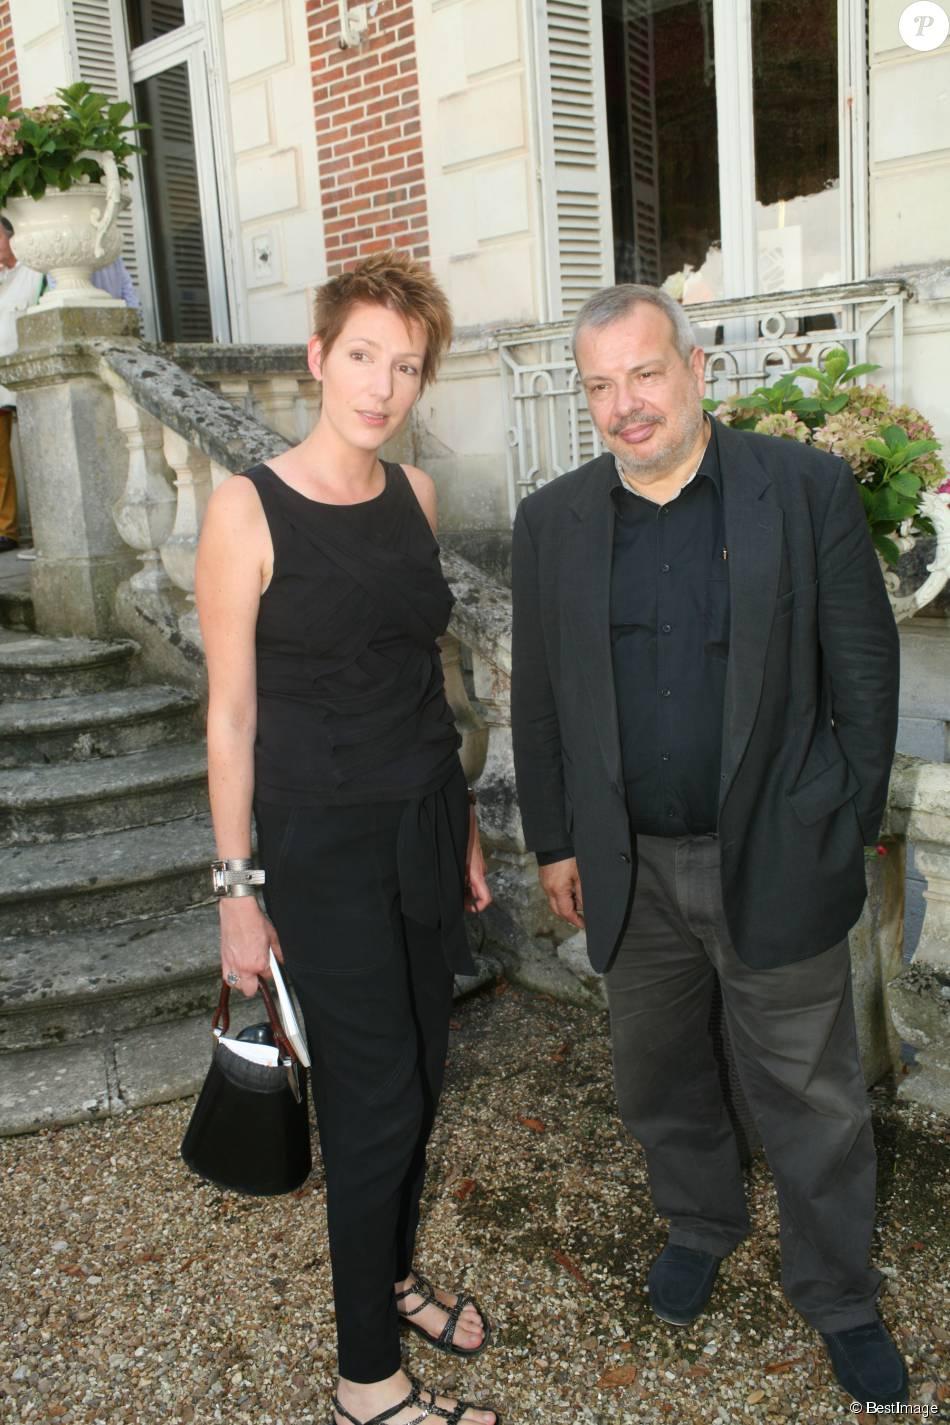 Portrait natacha polony et son mari p rico l gasse en septembre 2015 purepeople - Charlotte de turckheim et son mari ...